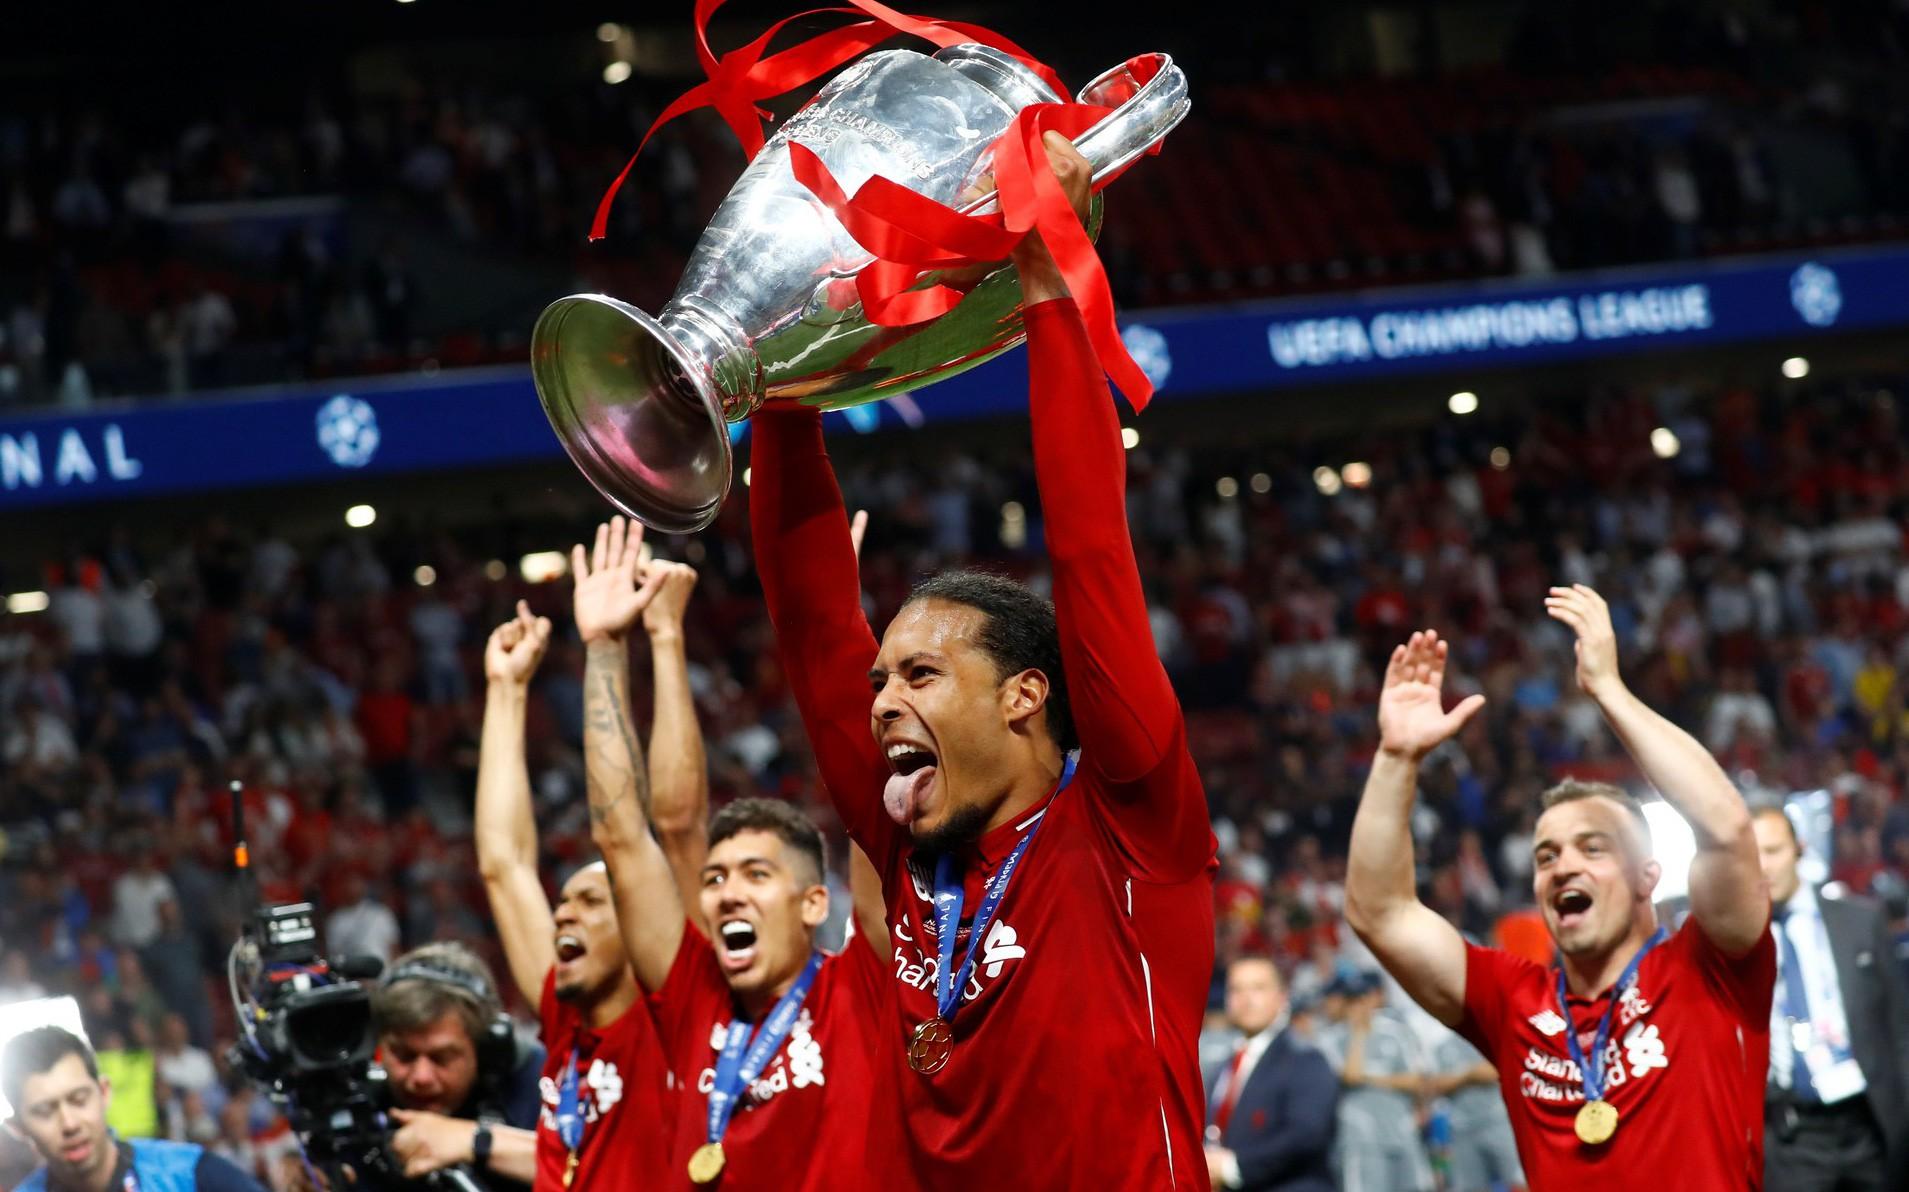 Liverpool tưng bừng ăn mừng chức vô địch Champions League